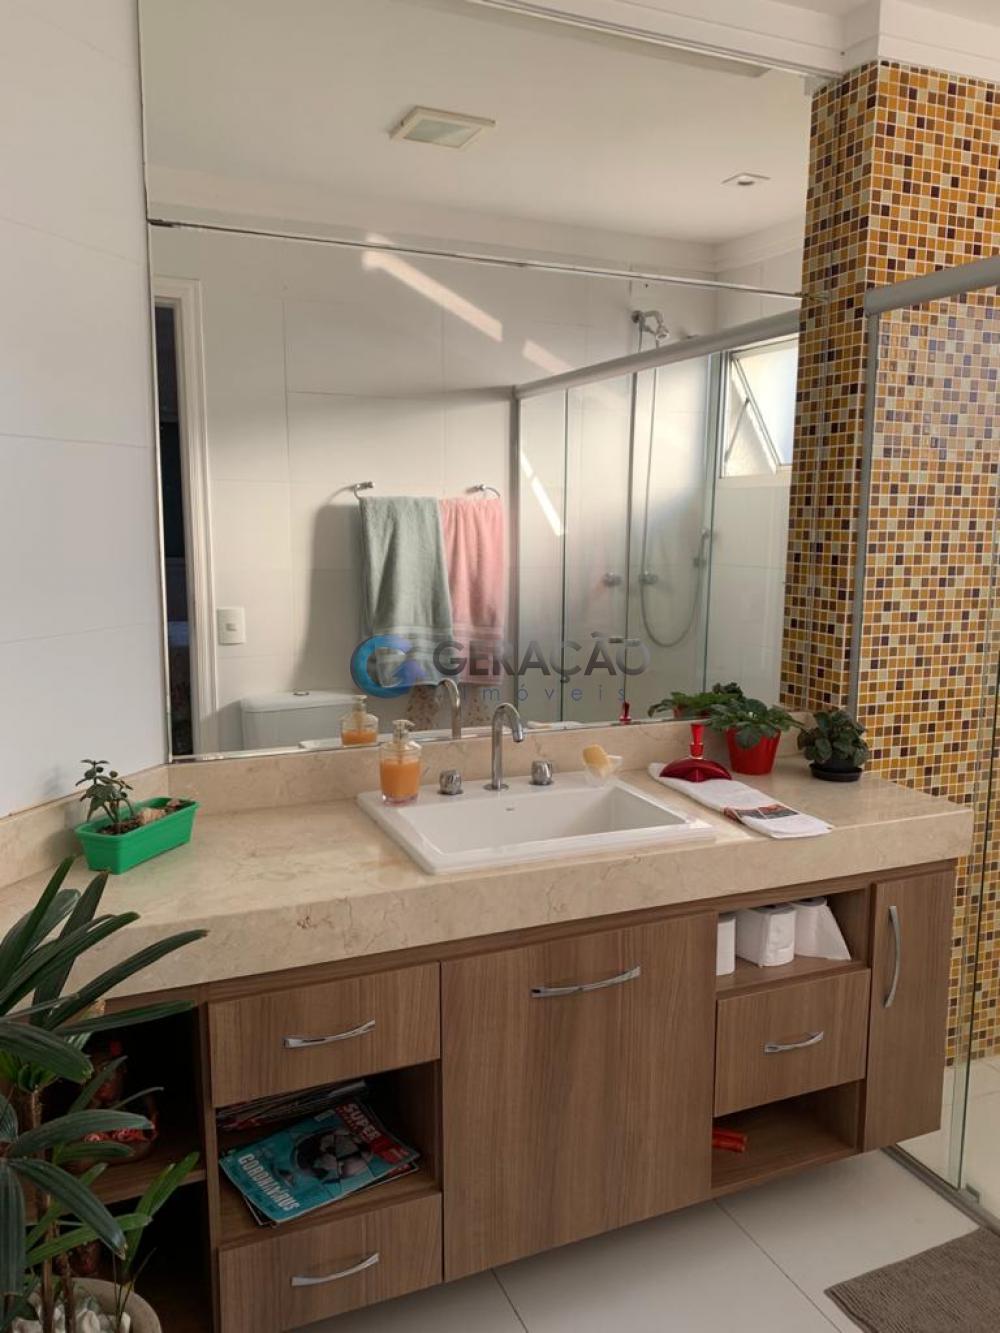 Comprar Apartamento / Padrão em São José dos Campos R$ 590.000,00 - Foto 23